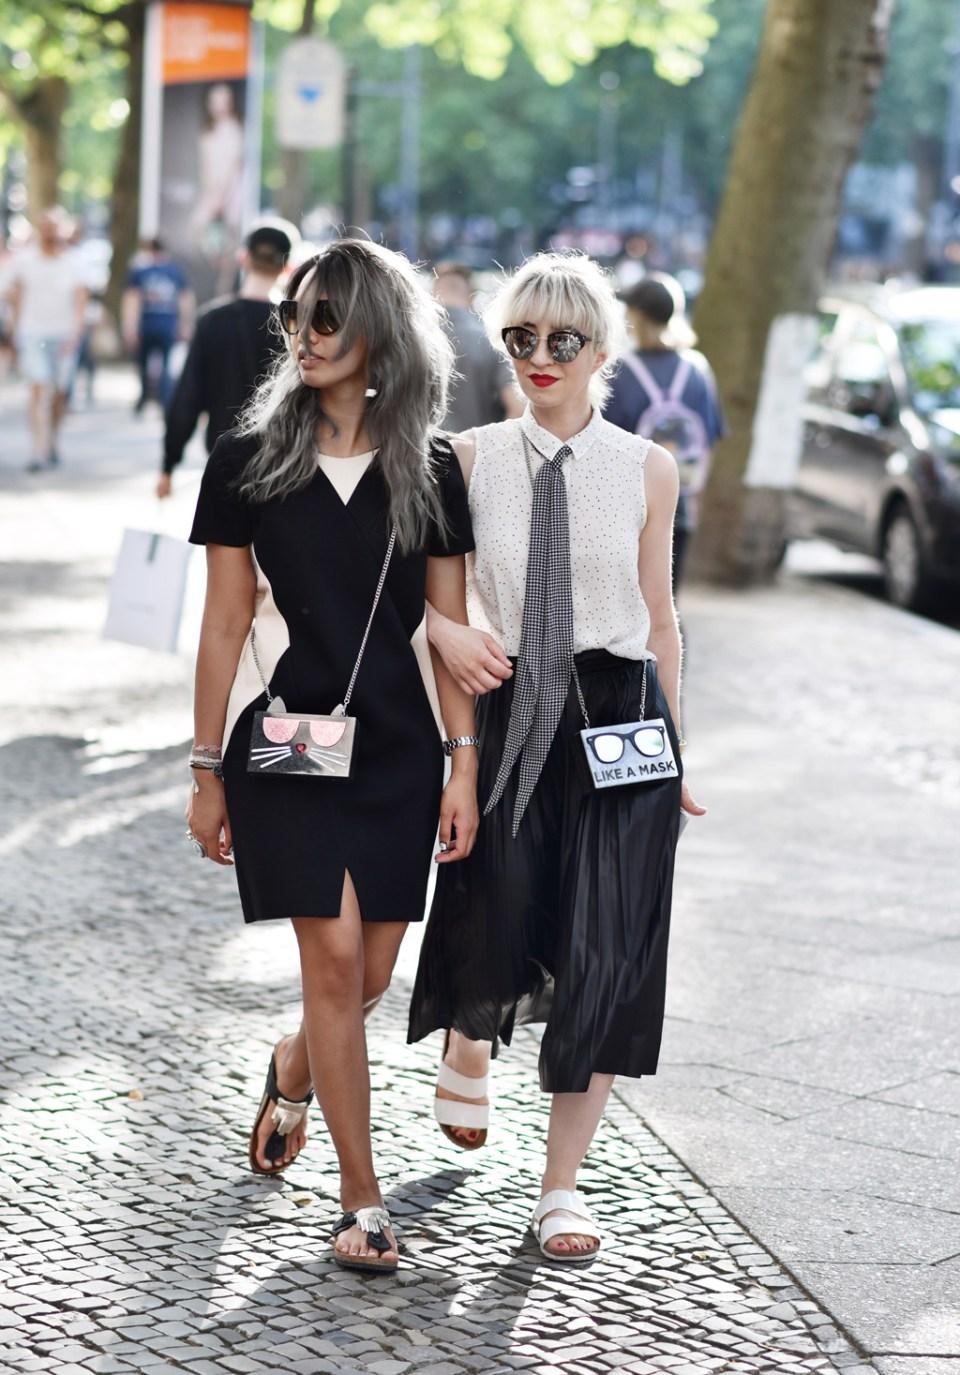 diana-esra-blogger-fashion-streetstyle-Kopie